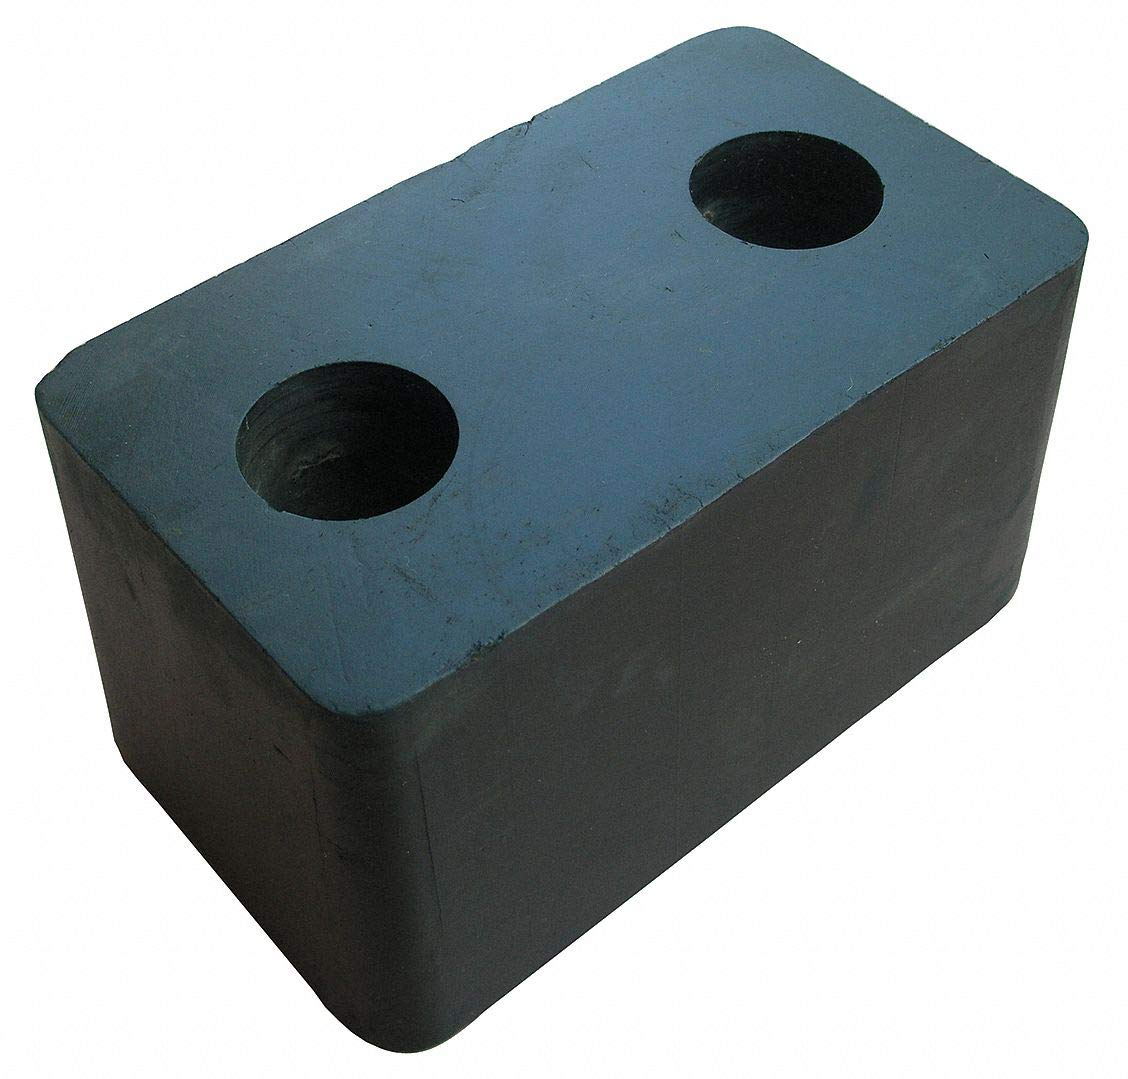 Rectangular Rubber Dock Bumper, 6-1/4''H x 3-1/2''W x 3-5/8''D